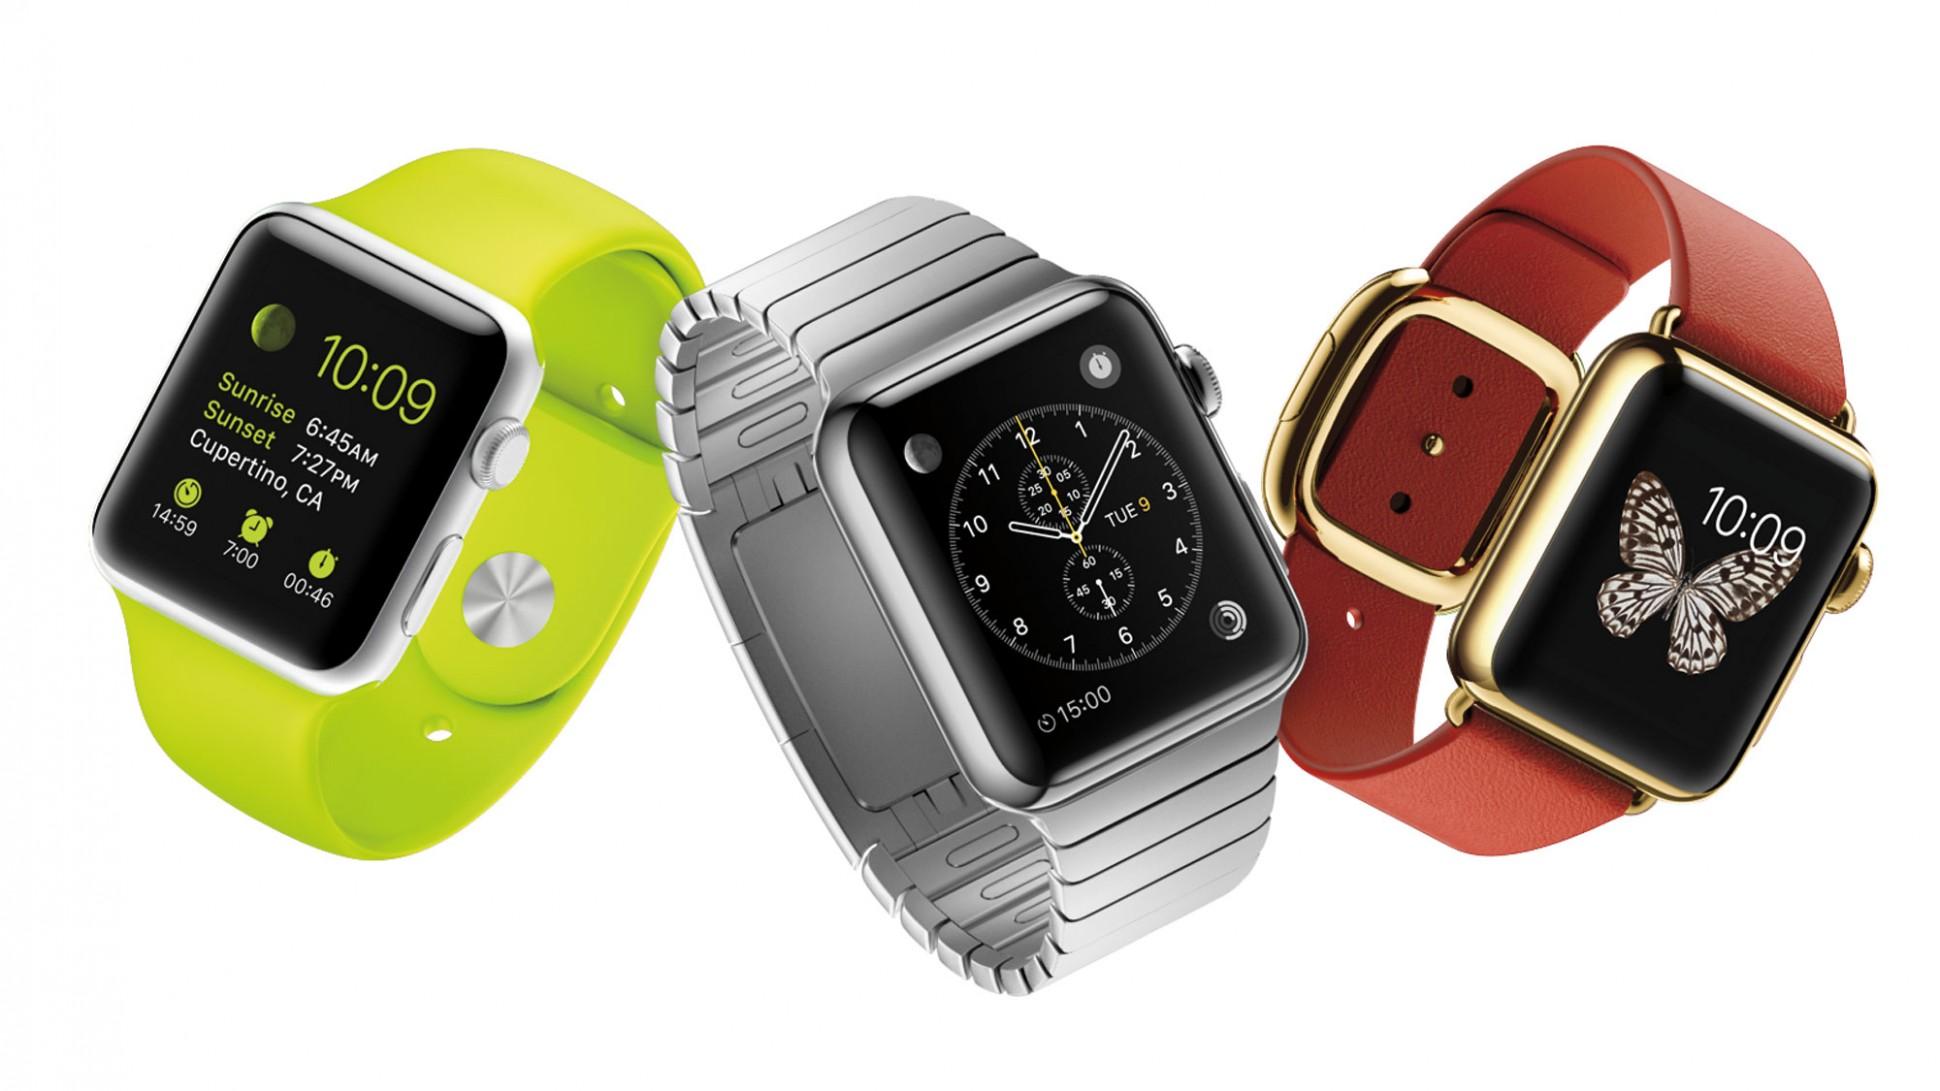 vladeltsam-apple-watch-budet-dostupno-bolee-100-000-prilozheniy-uzhe-v-aprele